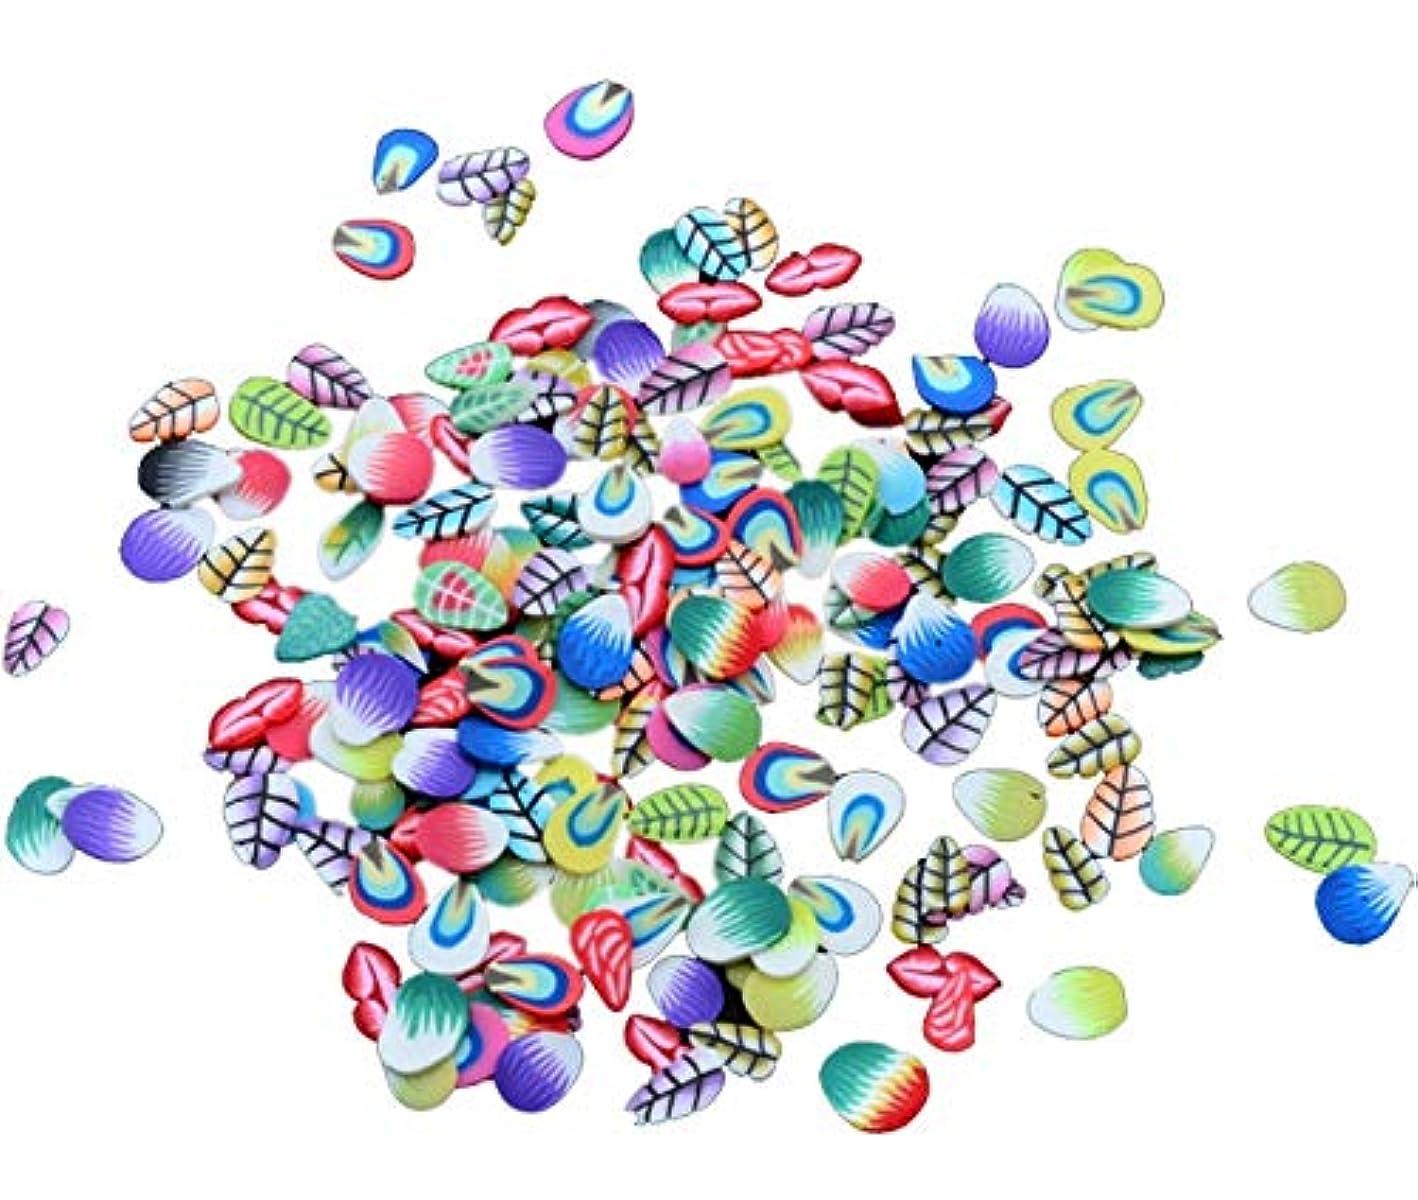 スポーツマンに渡ってすることになっているTianmey ソフト陶磁器デザインネイルアートステッカーマニキュア美しいファッションアクセサリー装飾DIYモバイル美容パッチ千個 (Color : Feather)